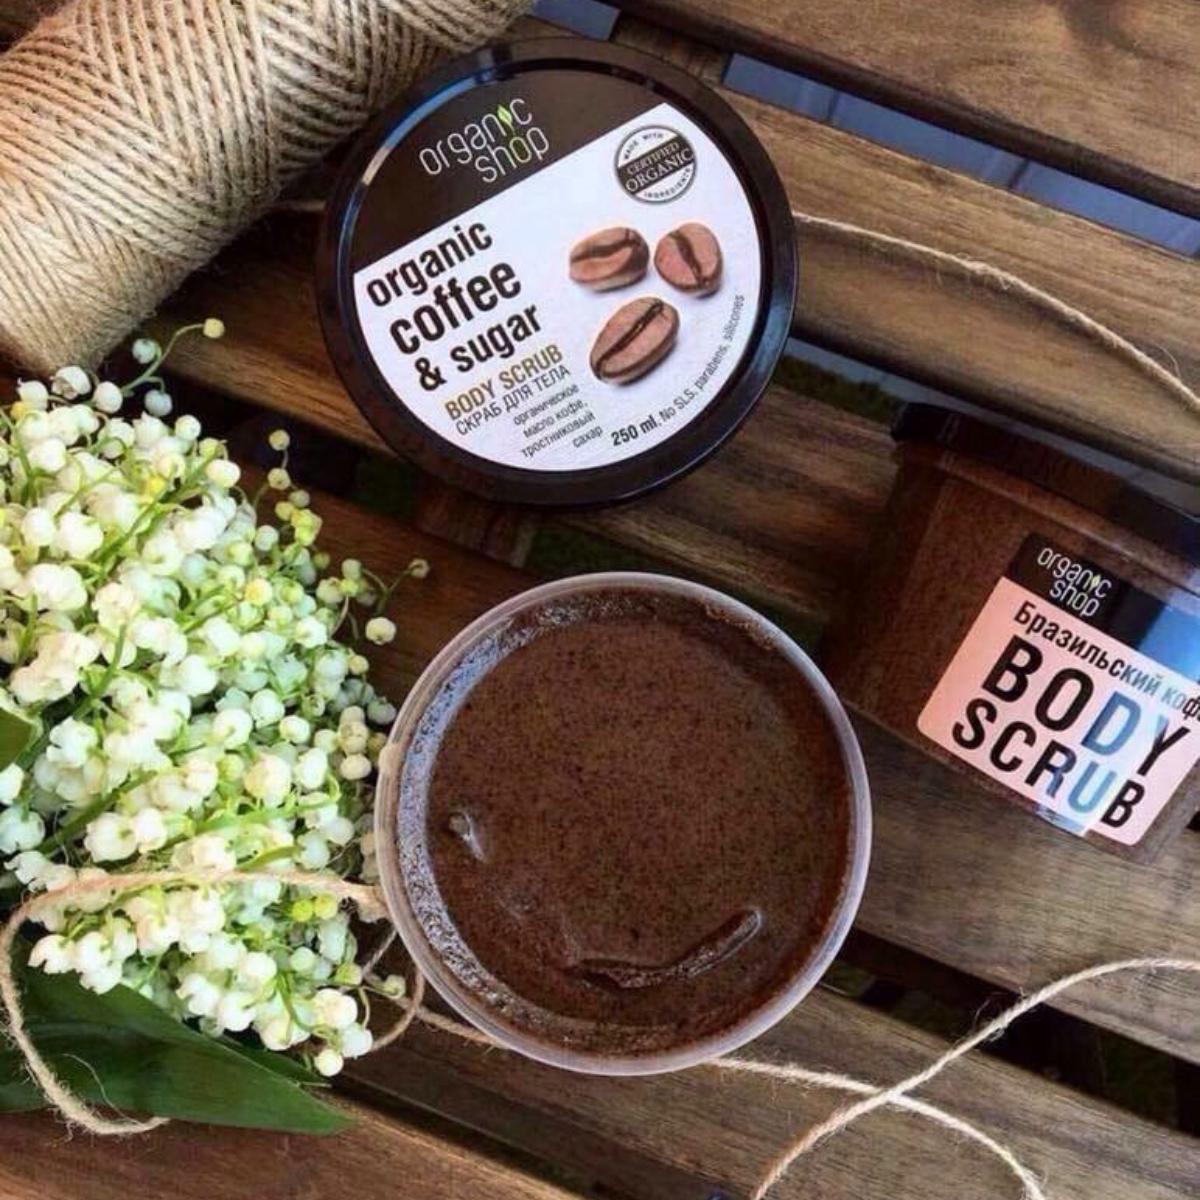 Tẩy Tế Bào Chết Toàn Thân Organic Shop Organic Coffee & Sugar Body Scrub  250ml | Mỹ Phẫm Coco beauty | Tiki